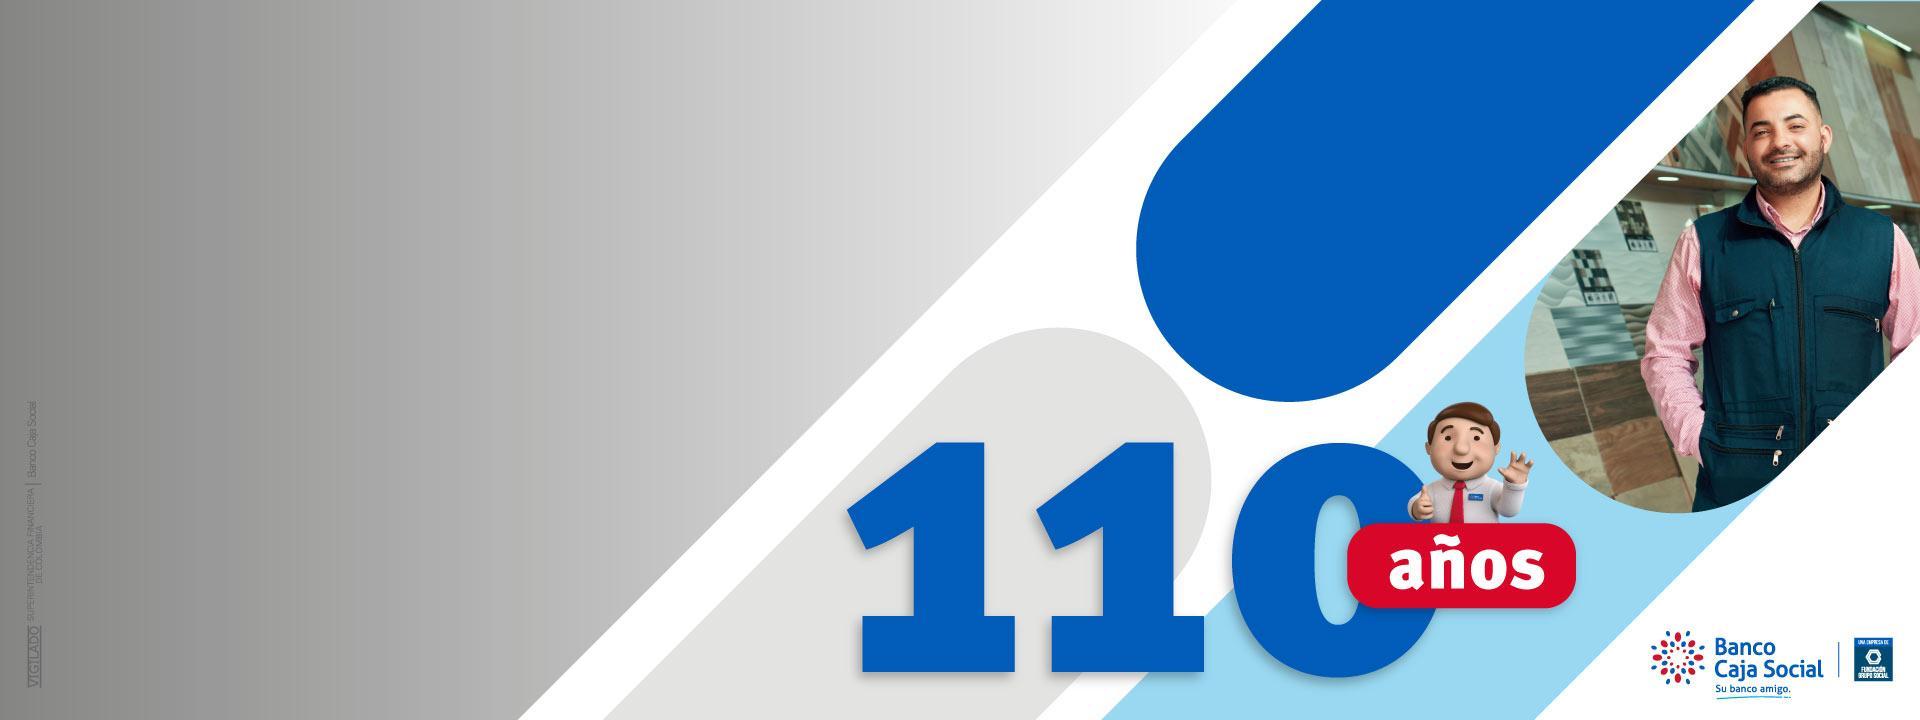 110 años